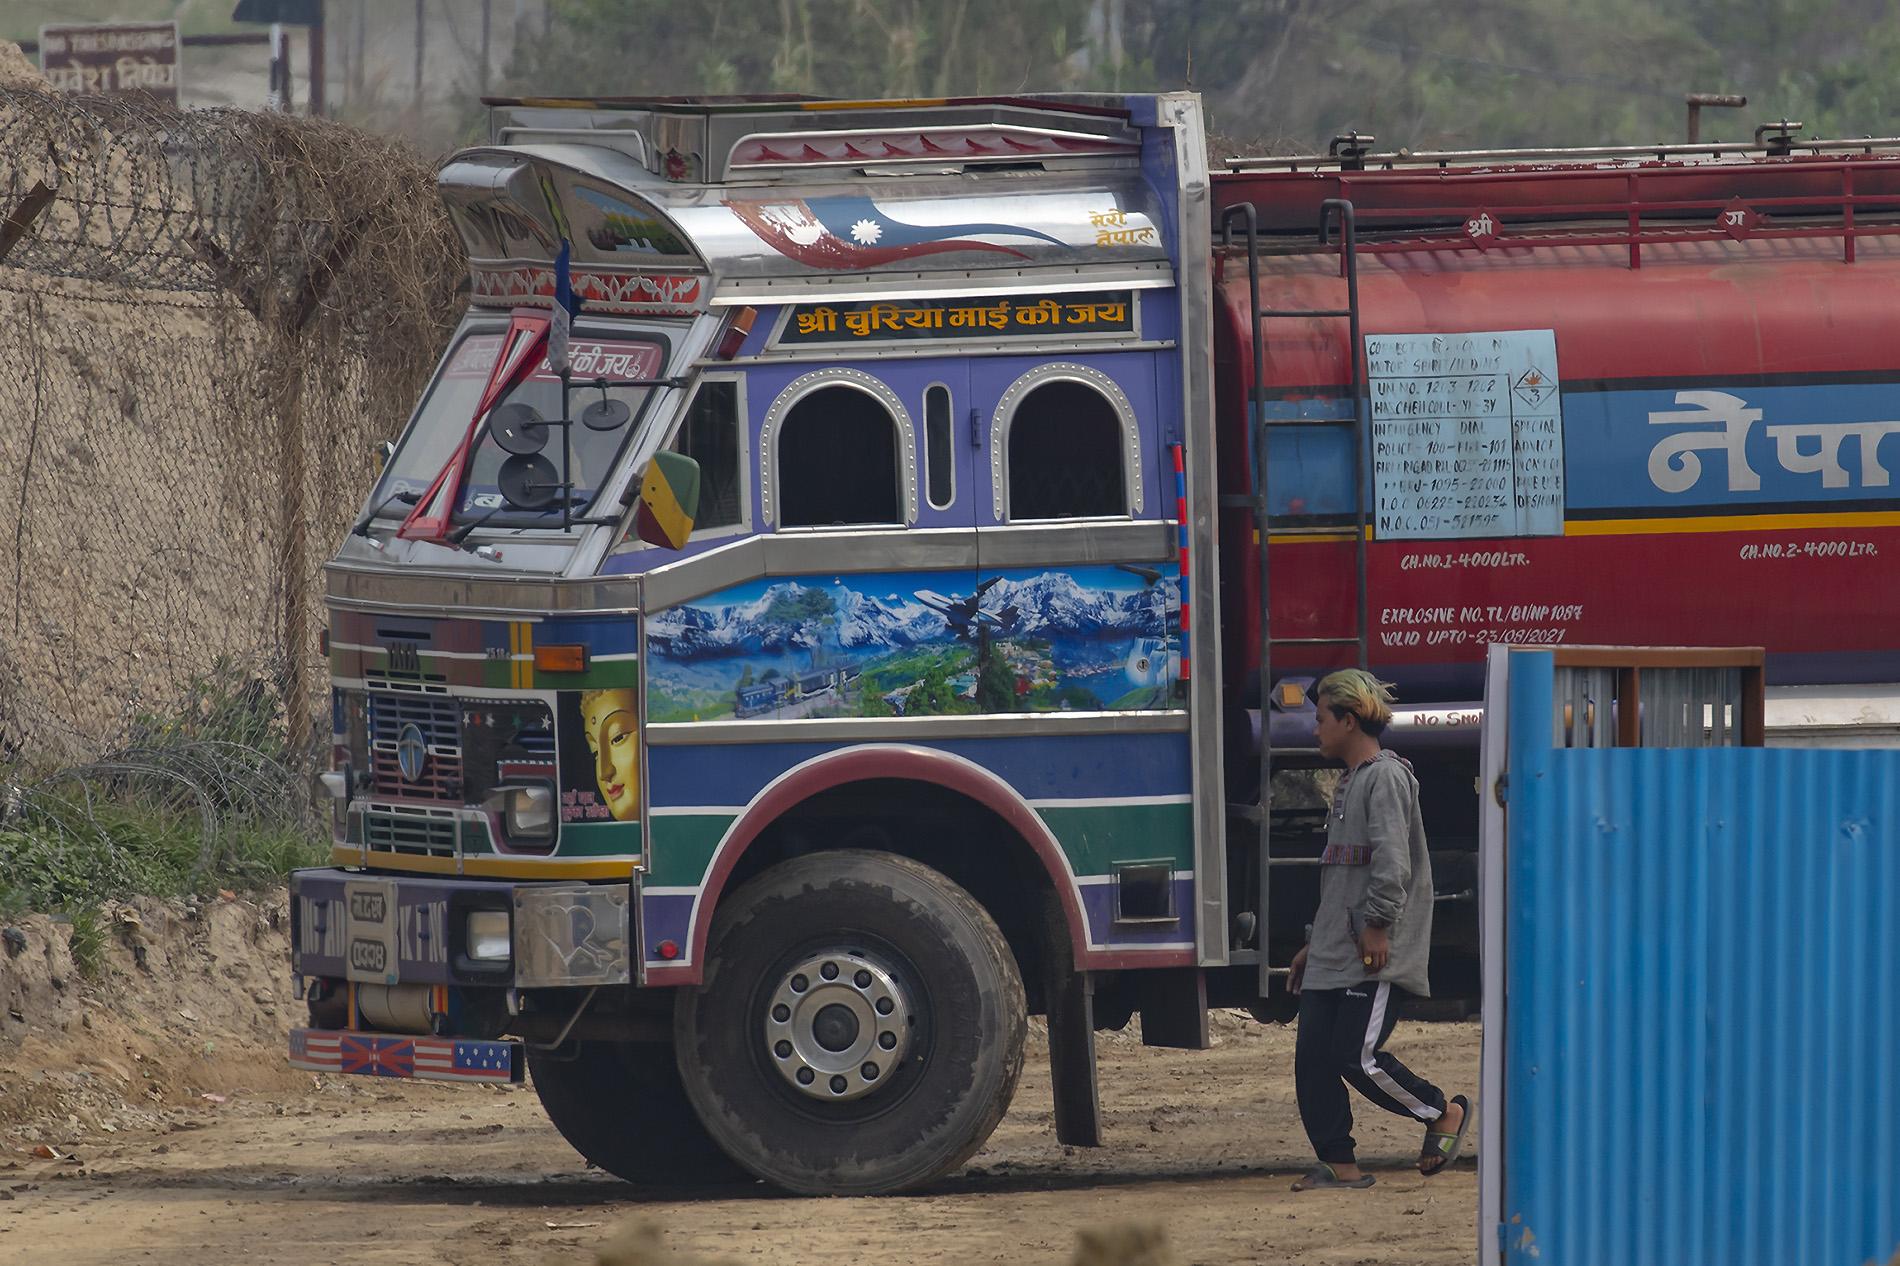 Auch einige LKW-Fahrer sindFlugzeugfans.